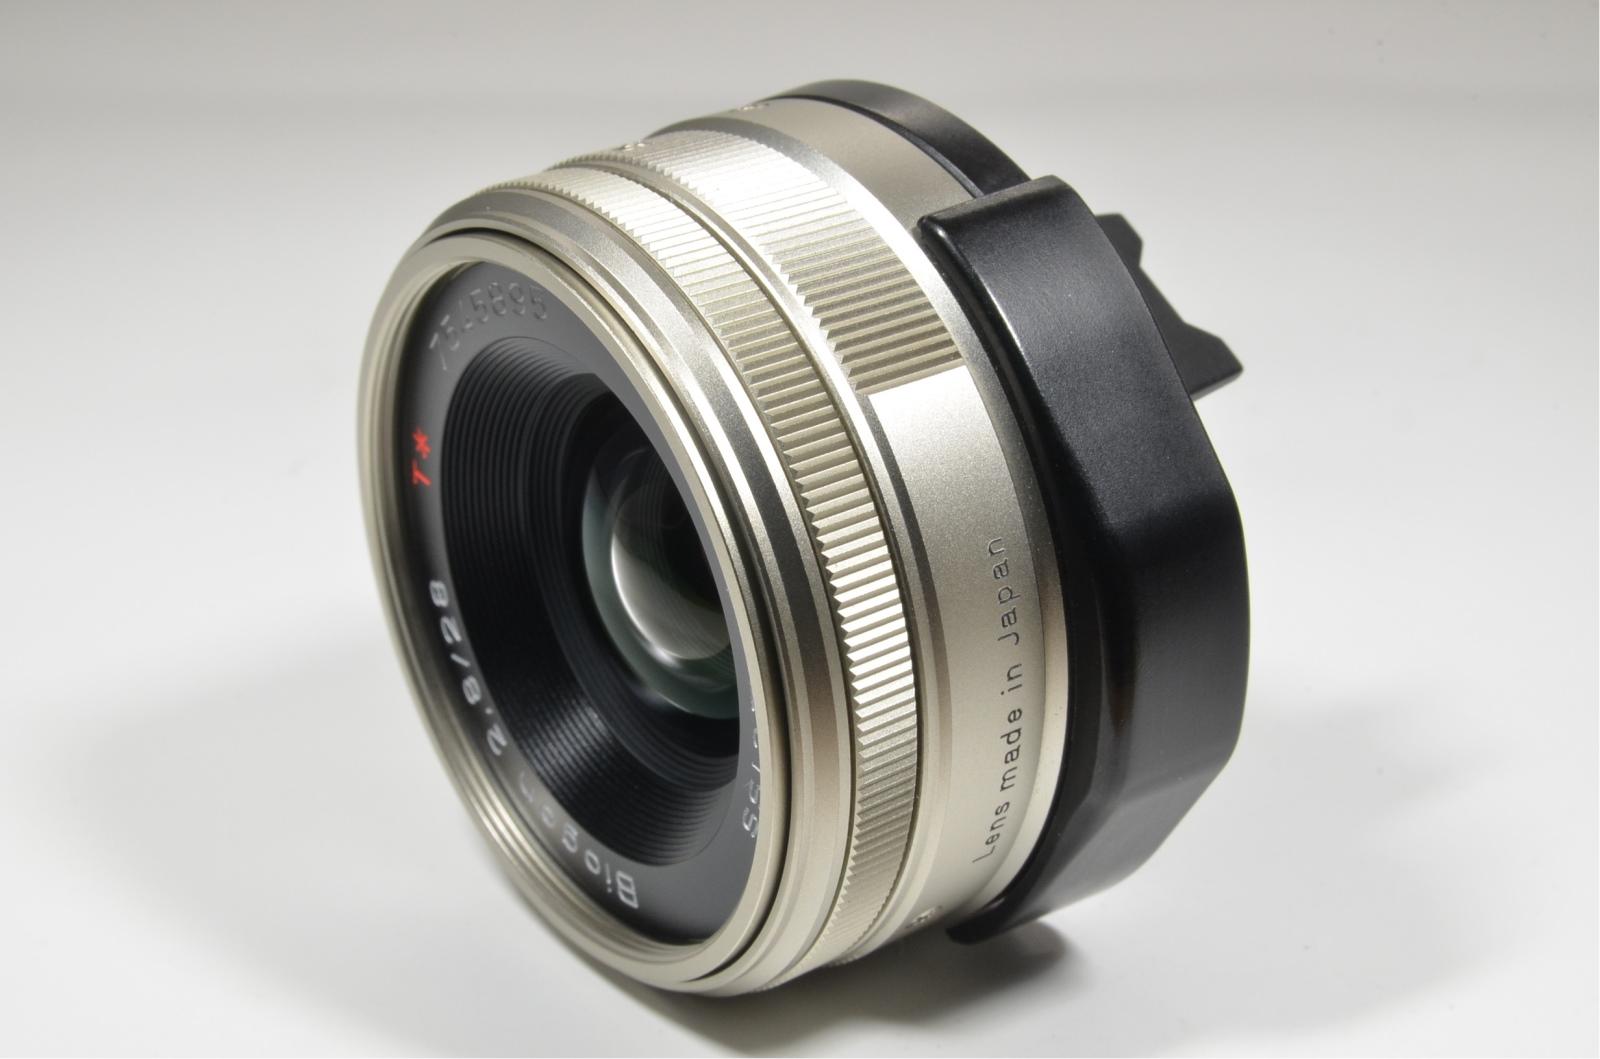 contax g2, case, planar 45mm f2, biogon 28mm f2.8, sonnar 90mm f2.8, tla200